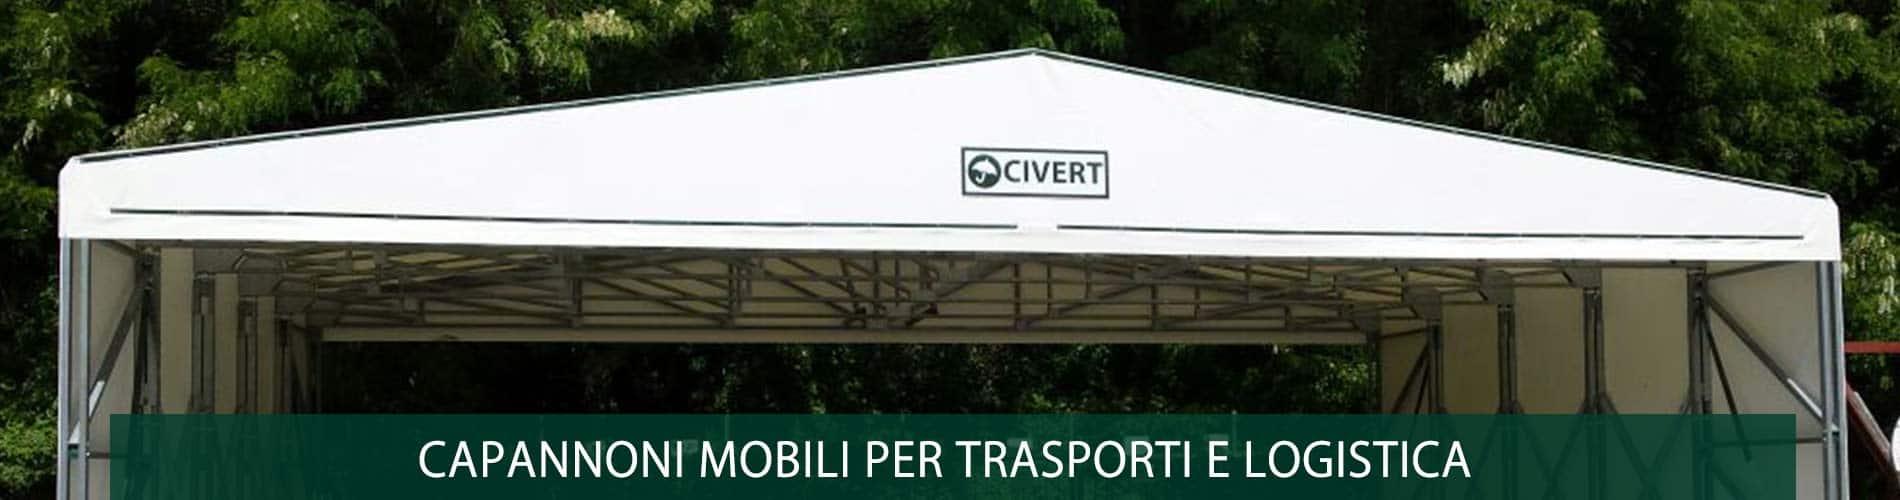 capannoni mobili per trasporti e logistica